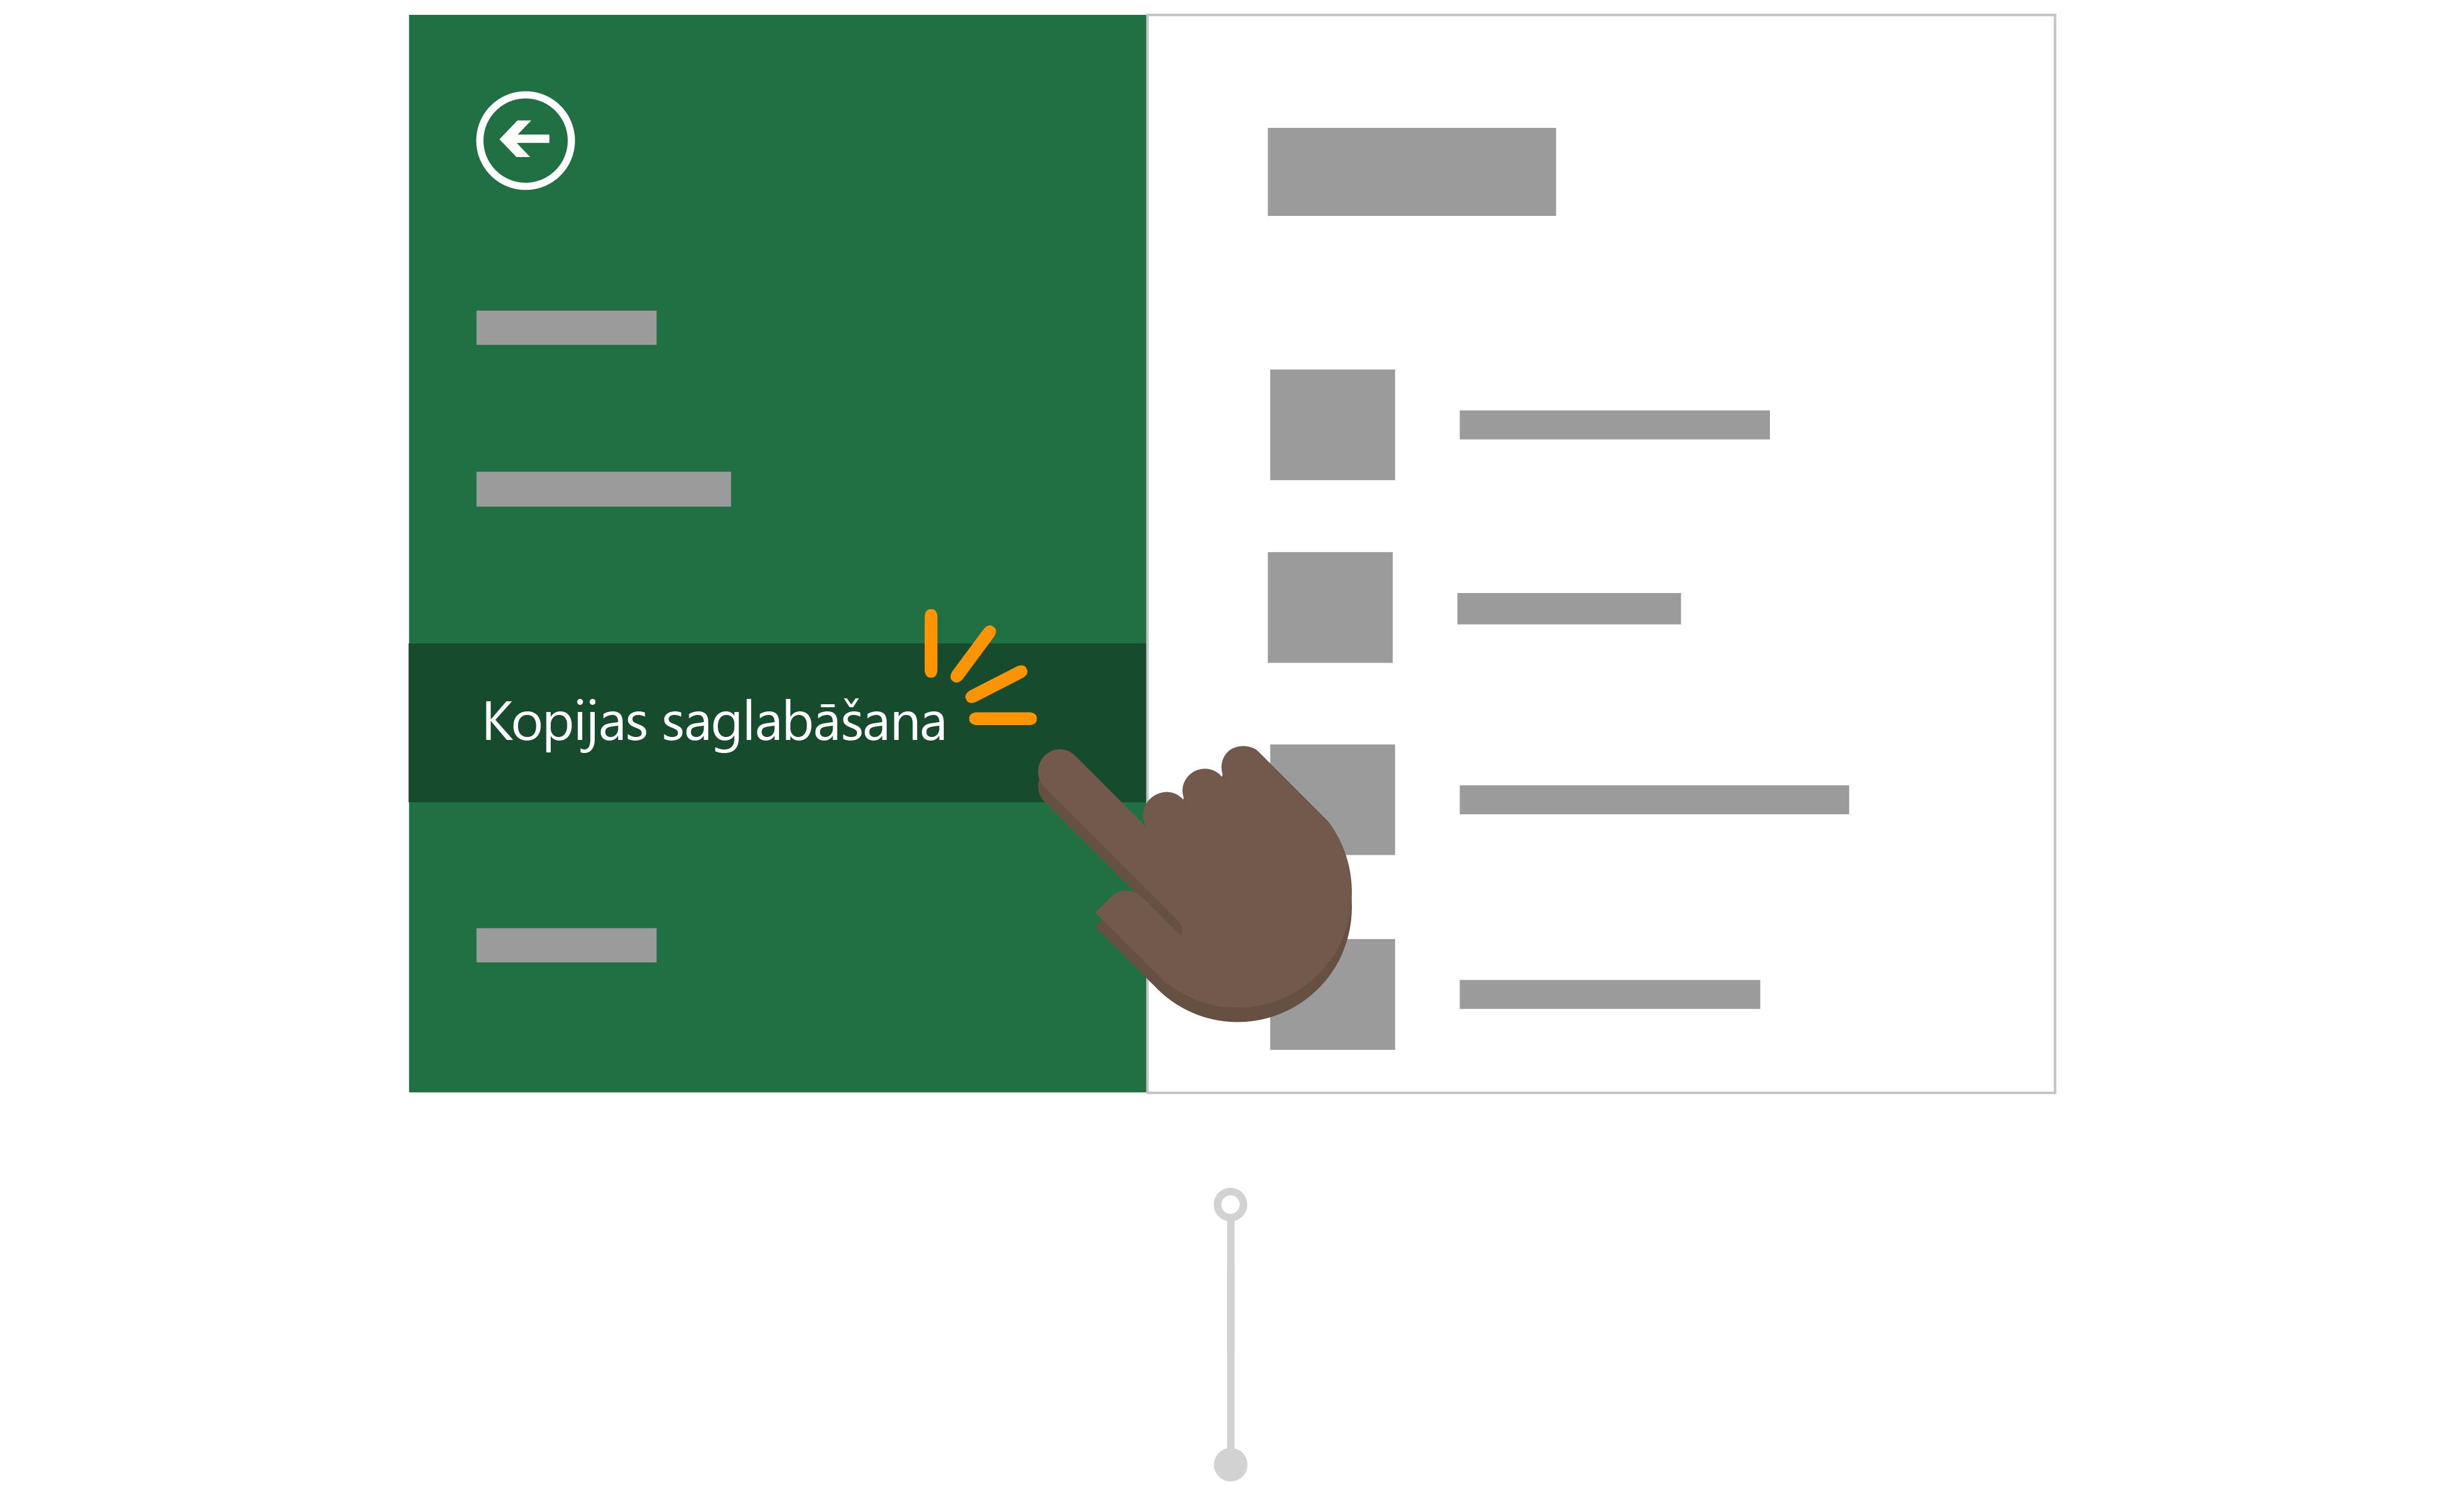 Todd izmanto saglabāt kopiju saglabāt savas atskaites versiju savu OneDrive.